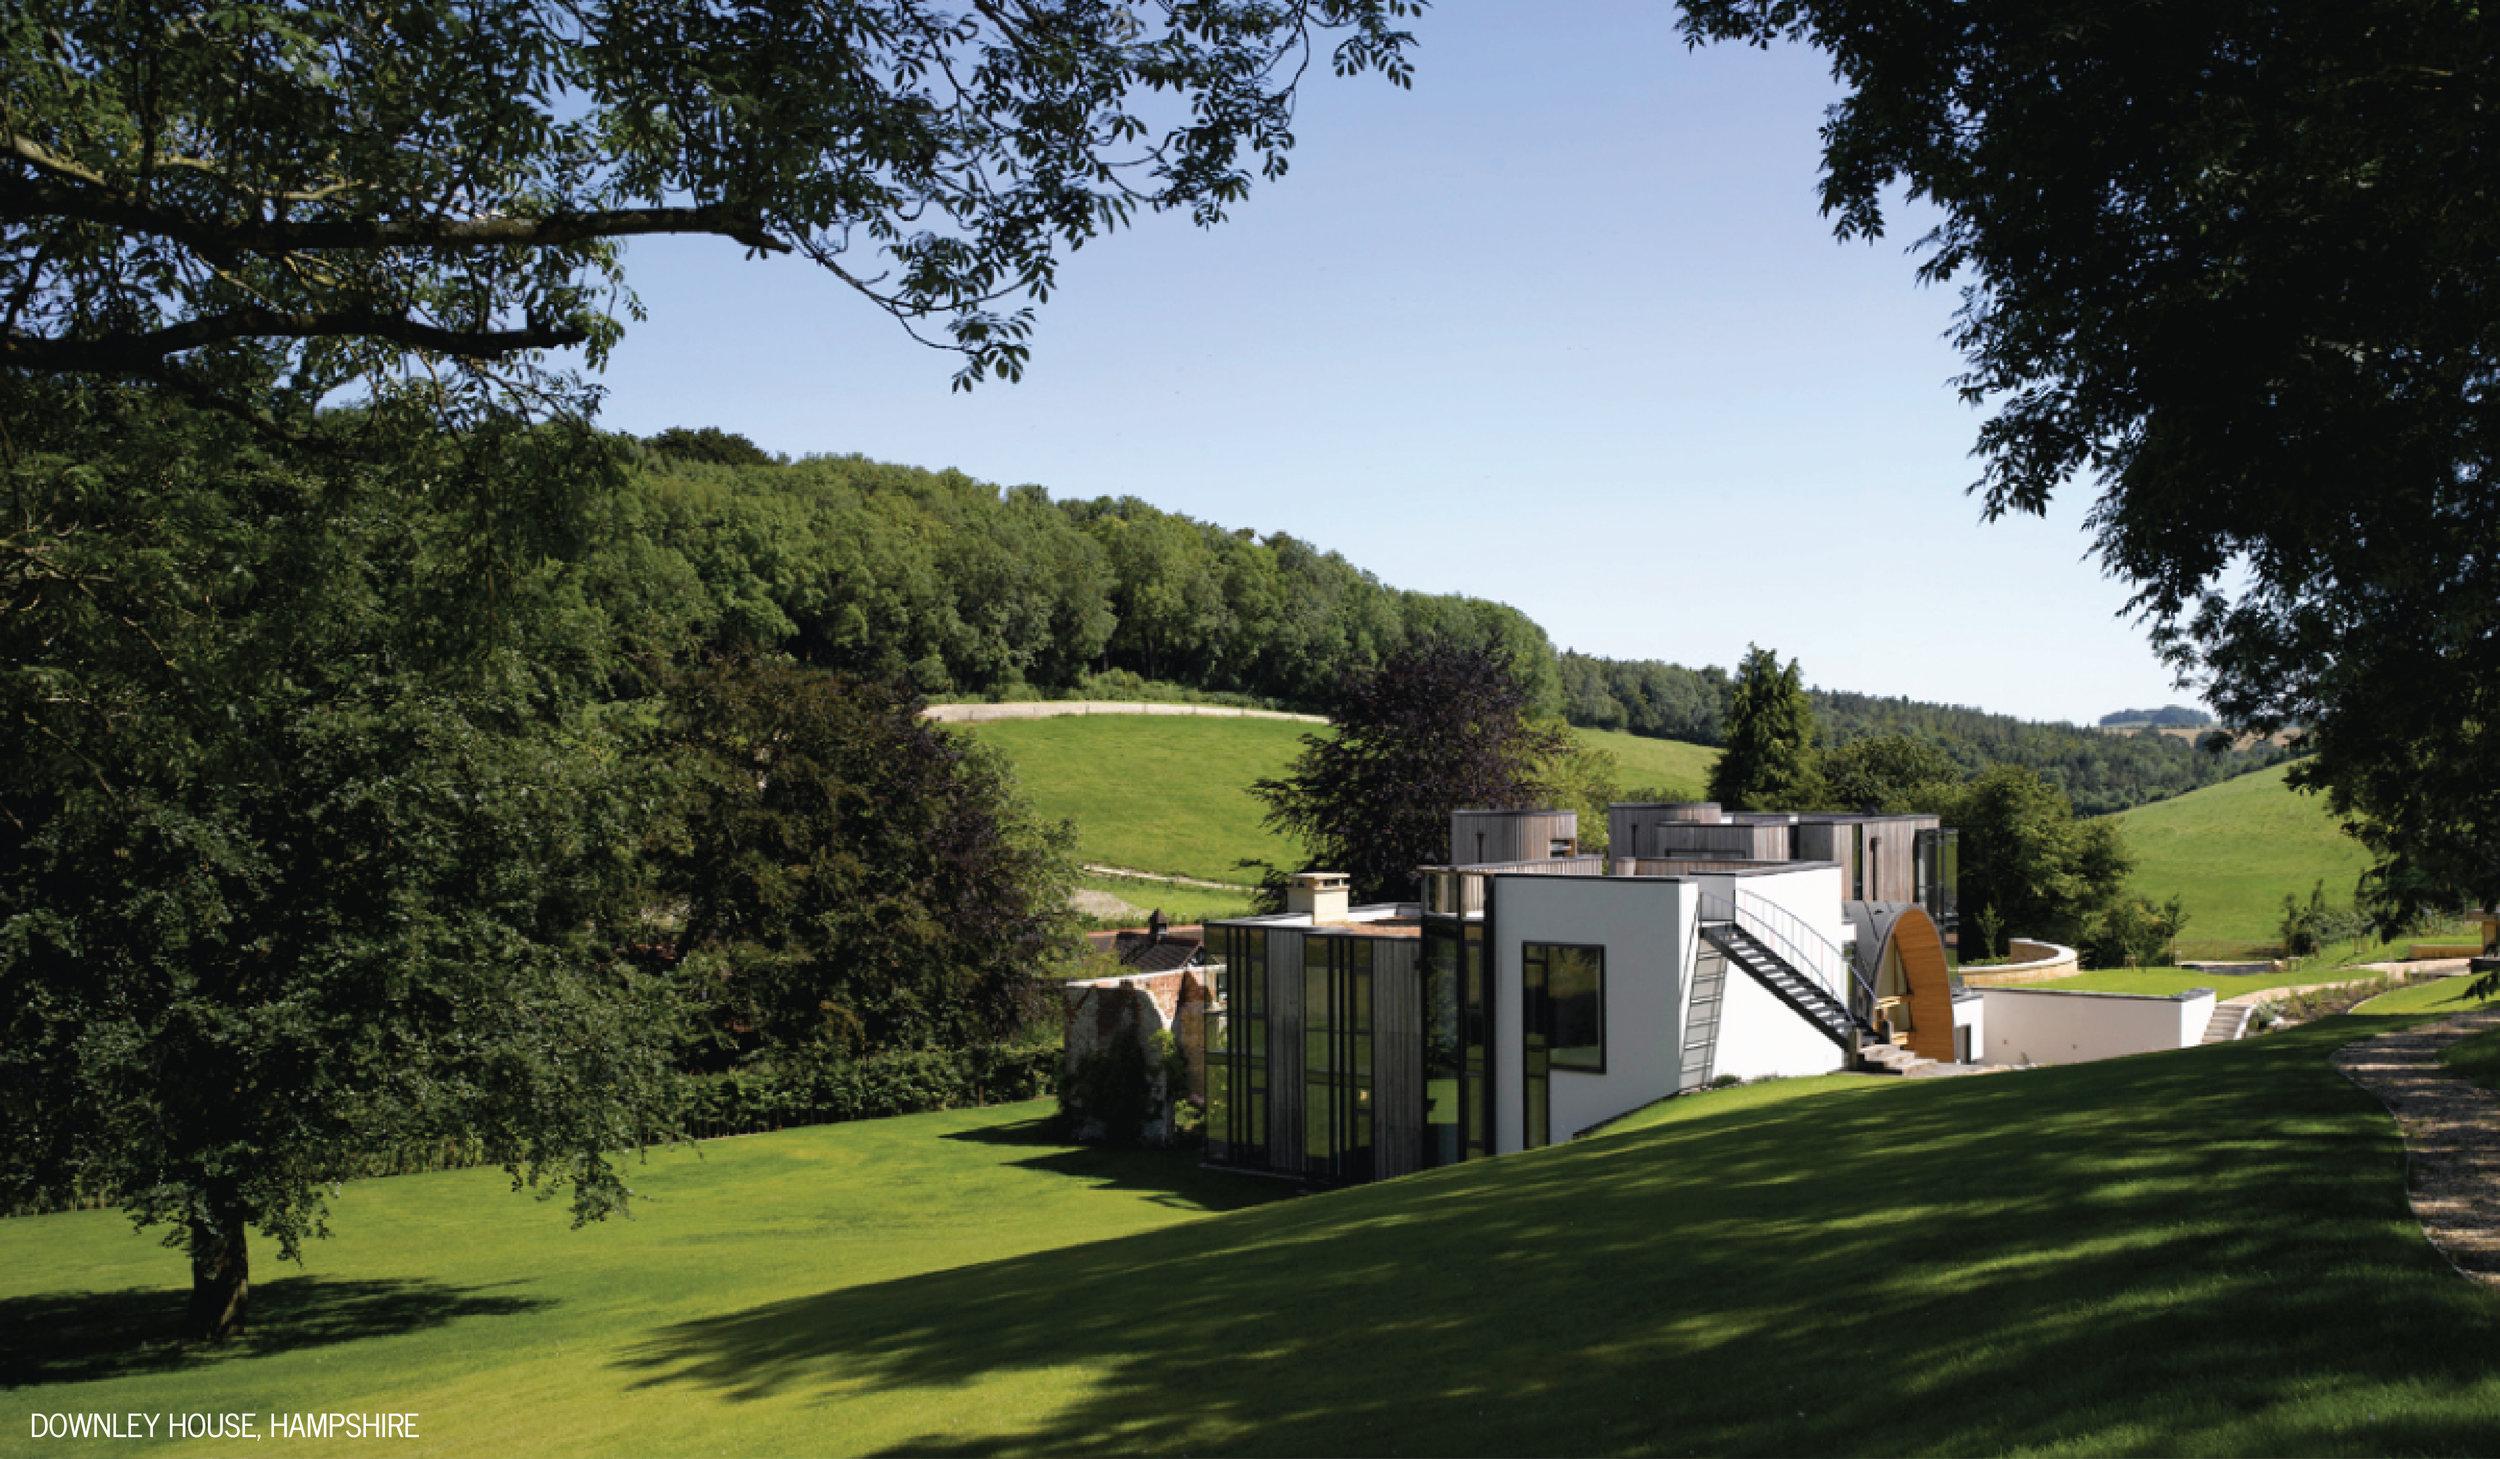 Downley House Landscape View